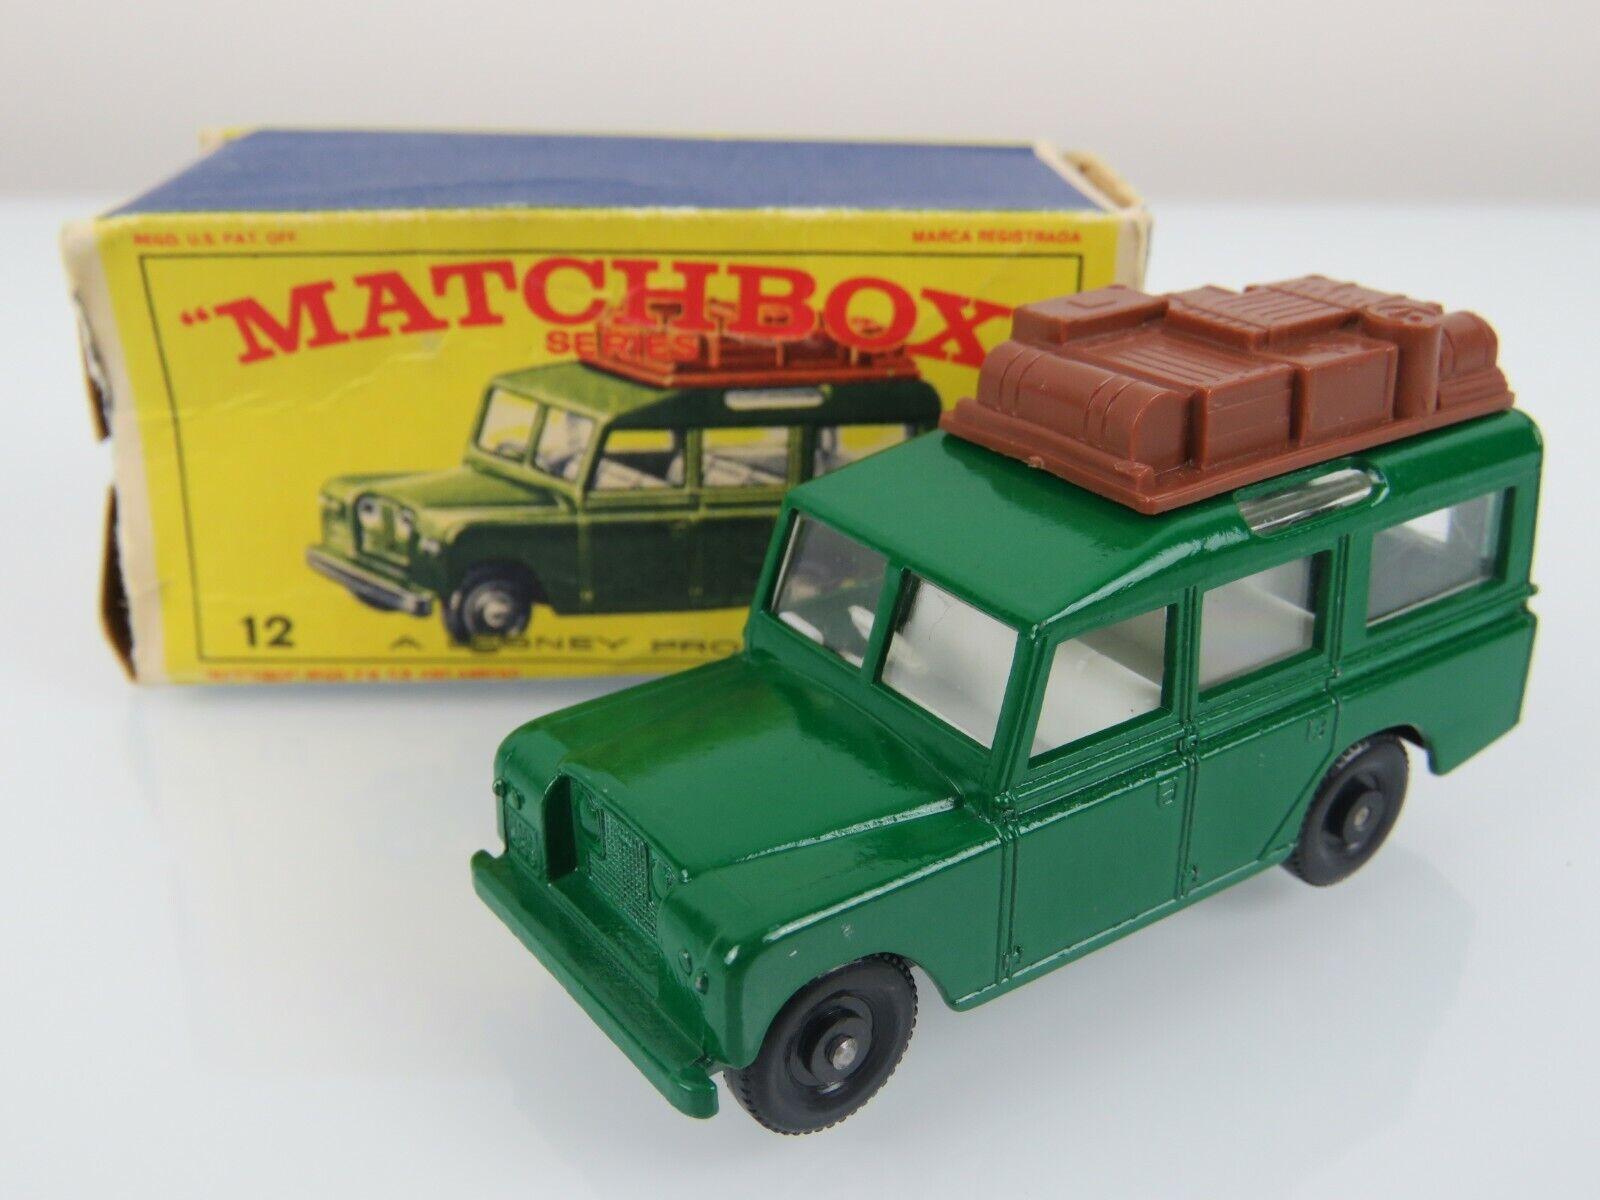 Lesney Matchbox Matchbox 1965  12 Safari Land Rover Green Regular wheels w Original Box